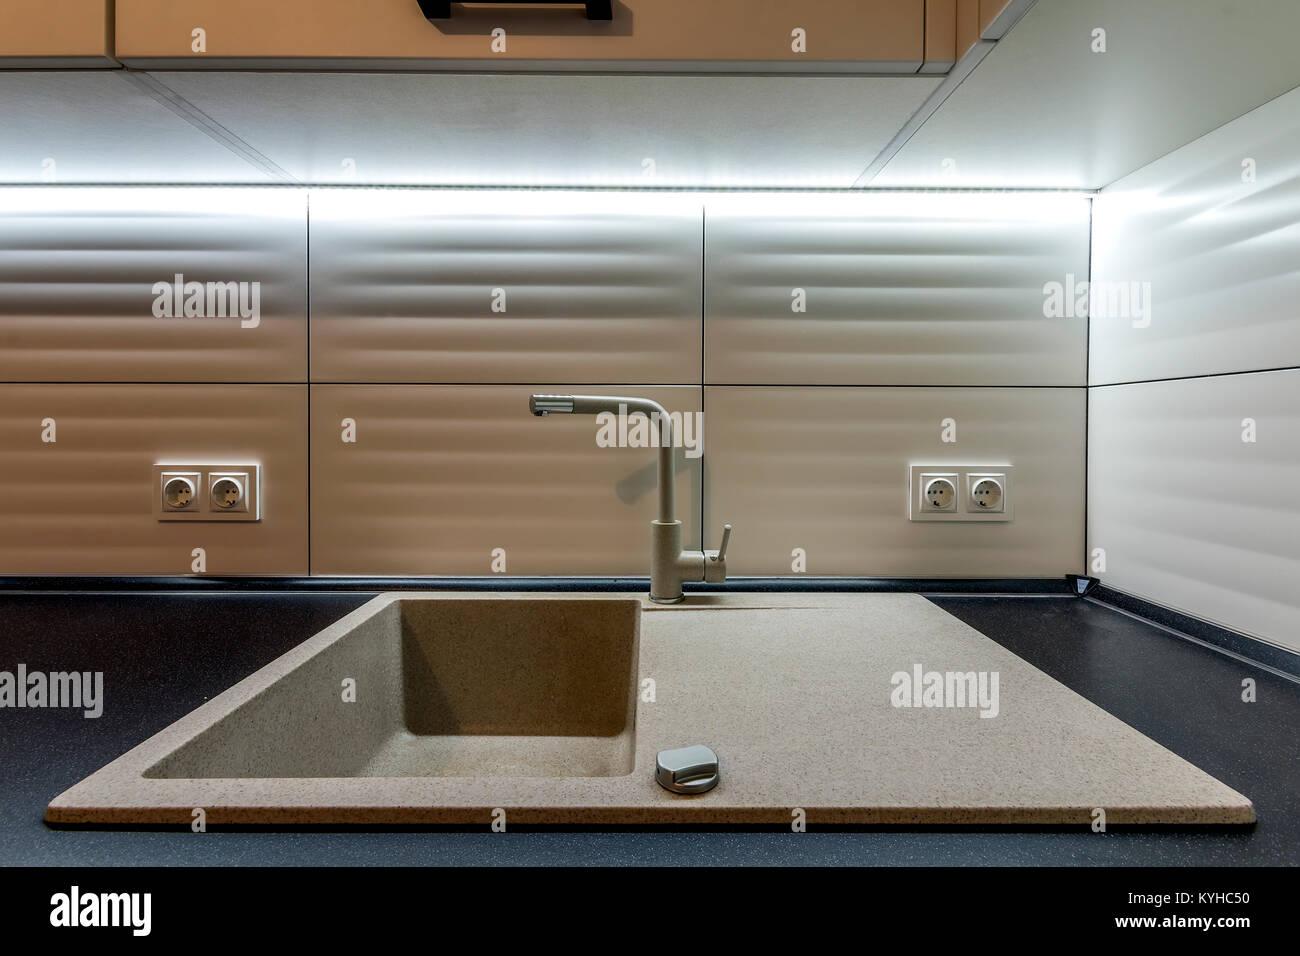 Küchen Waschbecken Granit granit waschbecken und wasserhahn in neue moderne küche innenraum